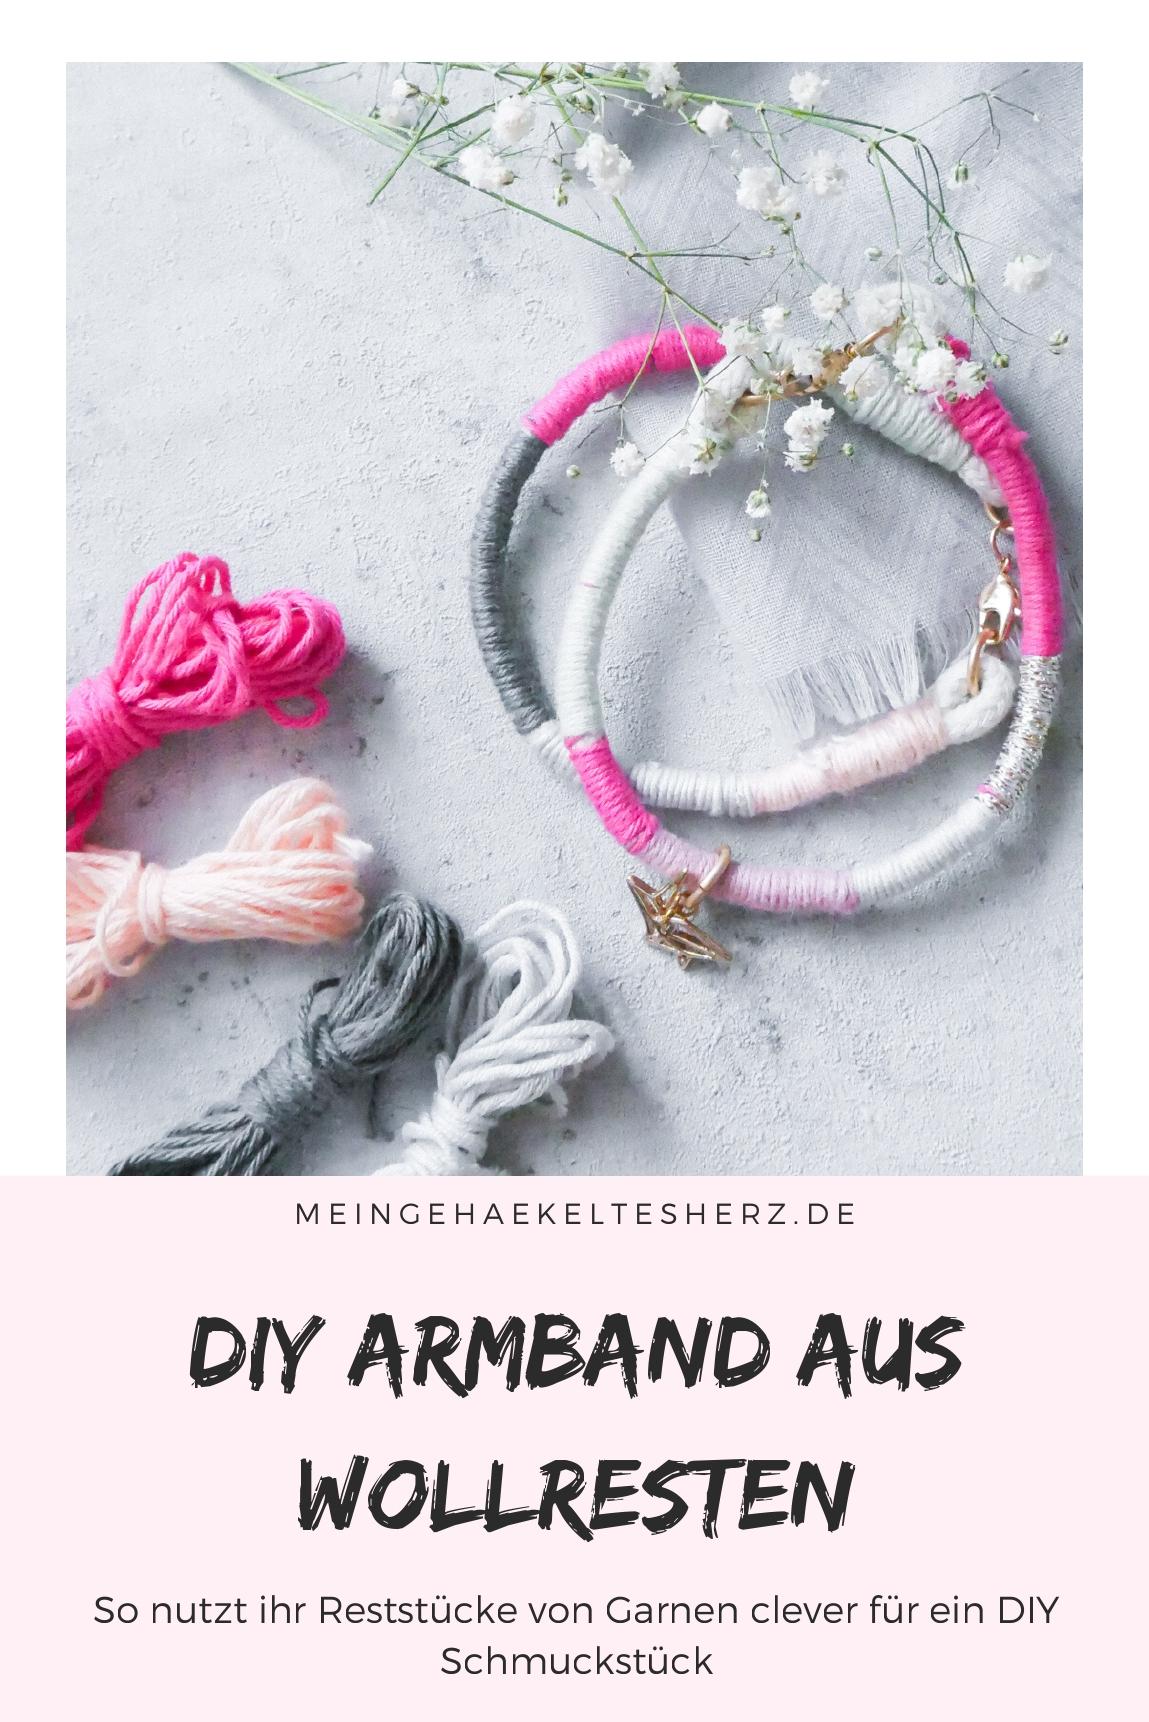 Armband selbst machen- Wollreste verbrauchen